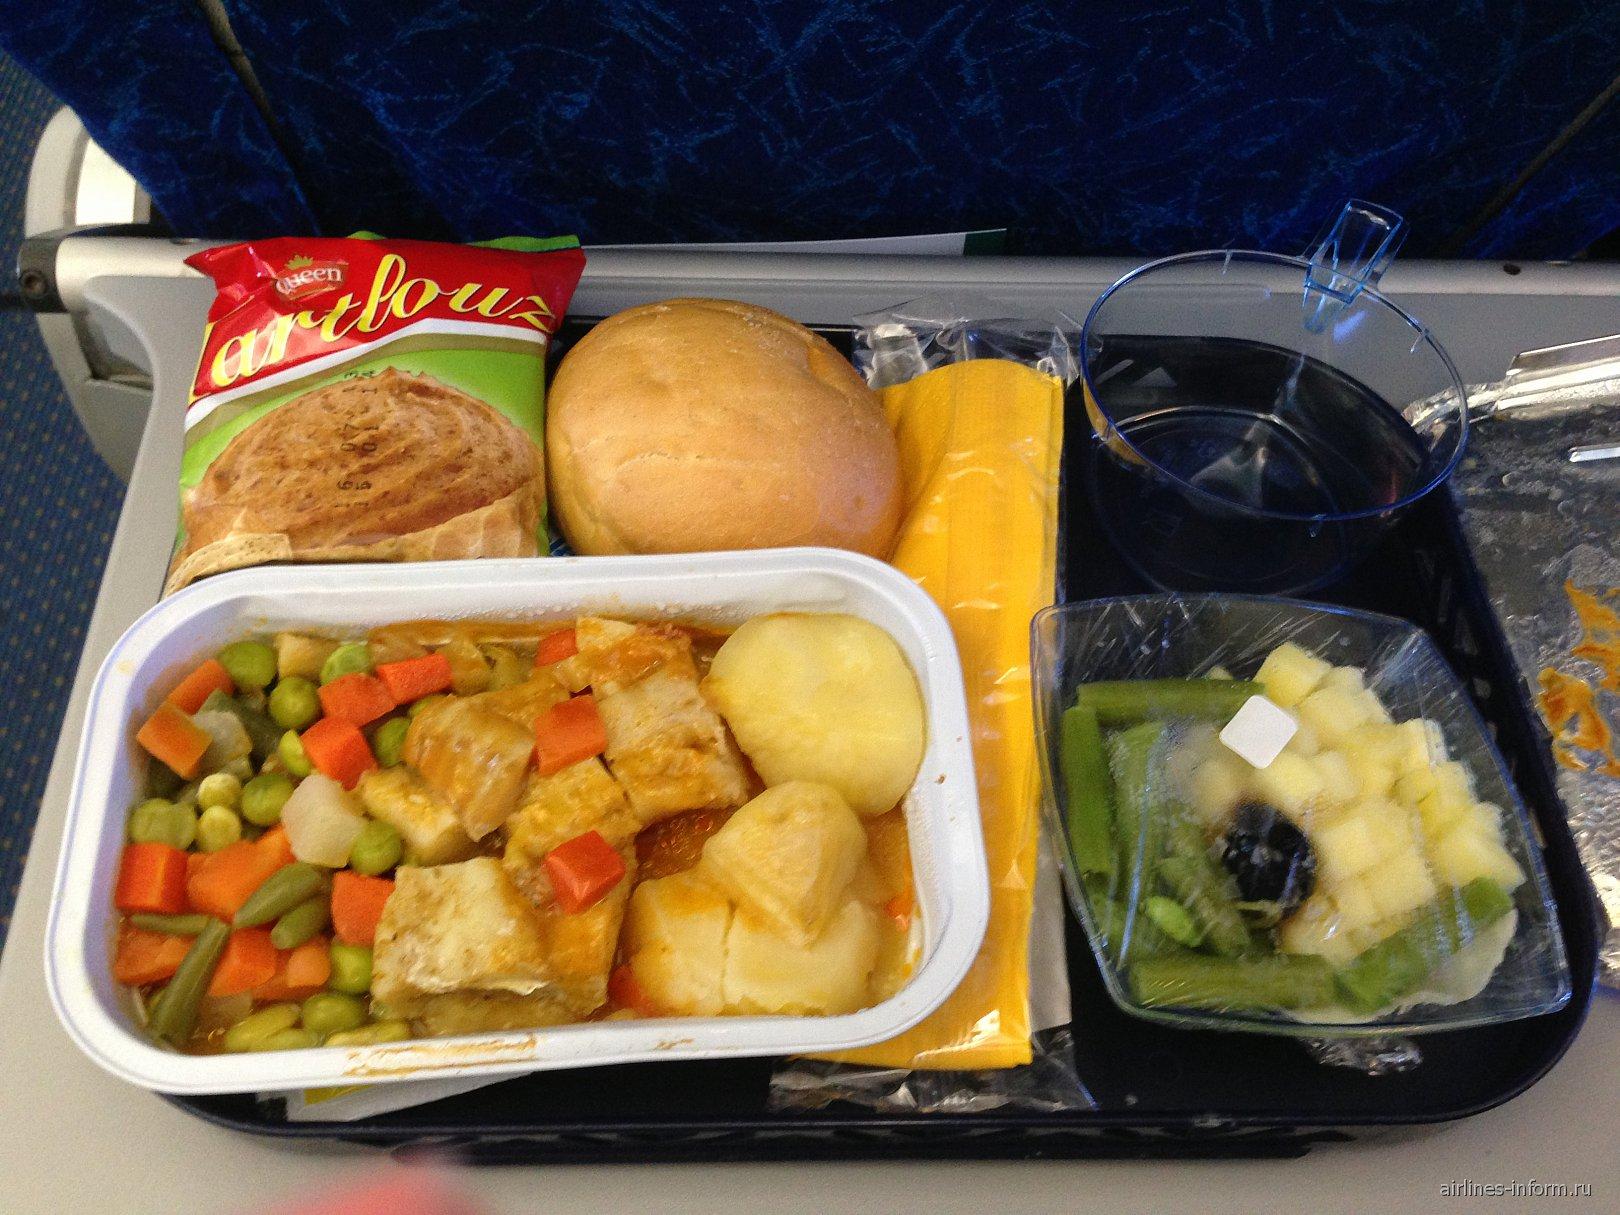 Питание на рейсе Санкт-Петербург-Монастир авиакомпании Nouvelair